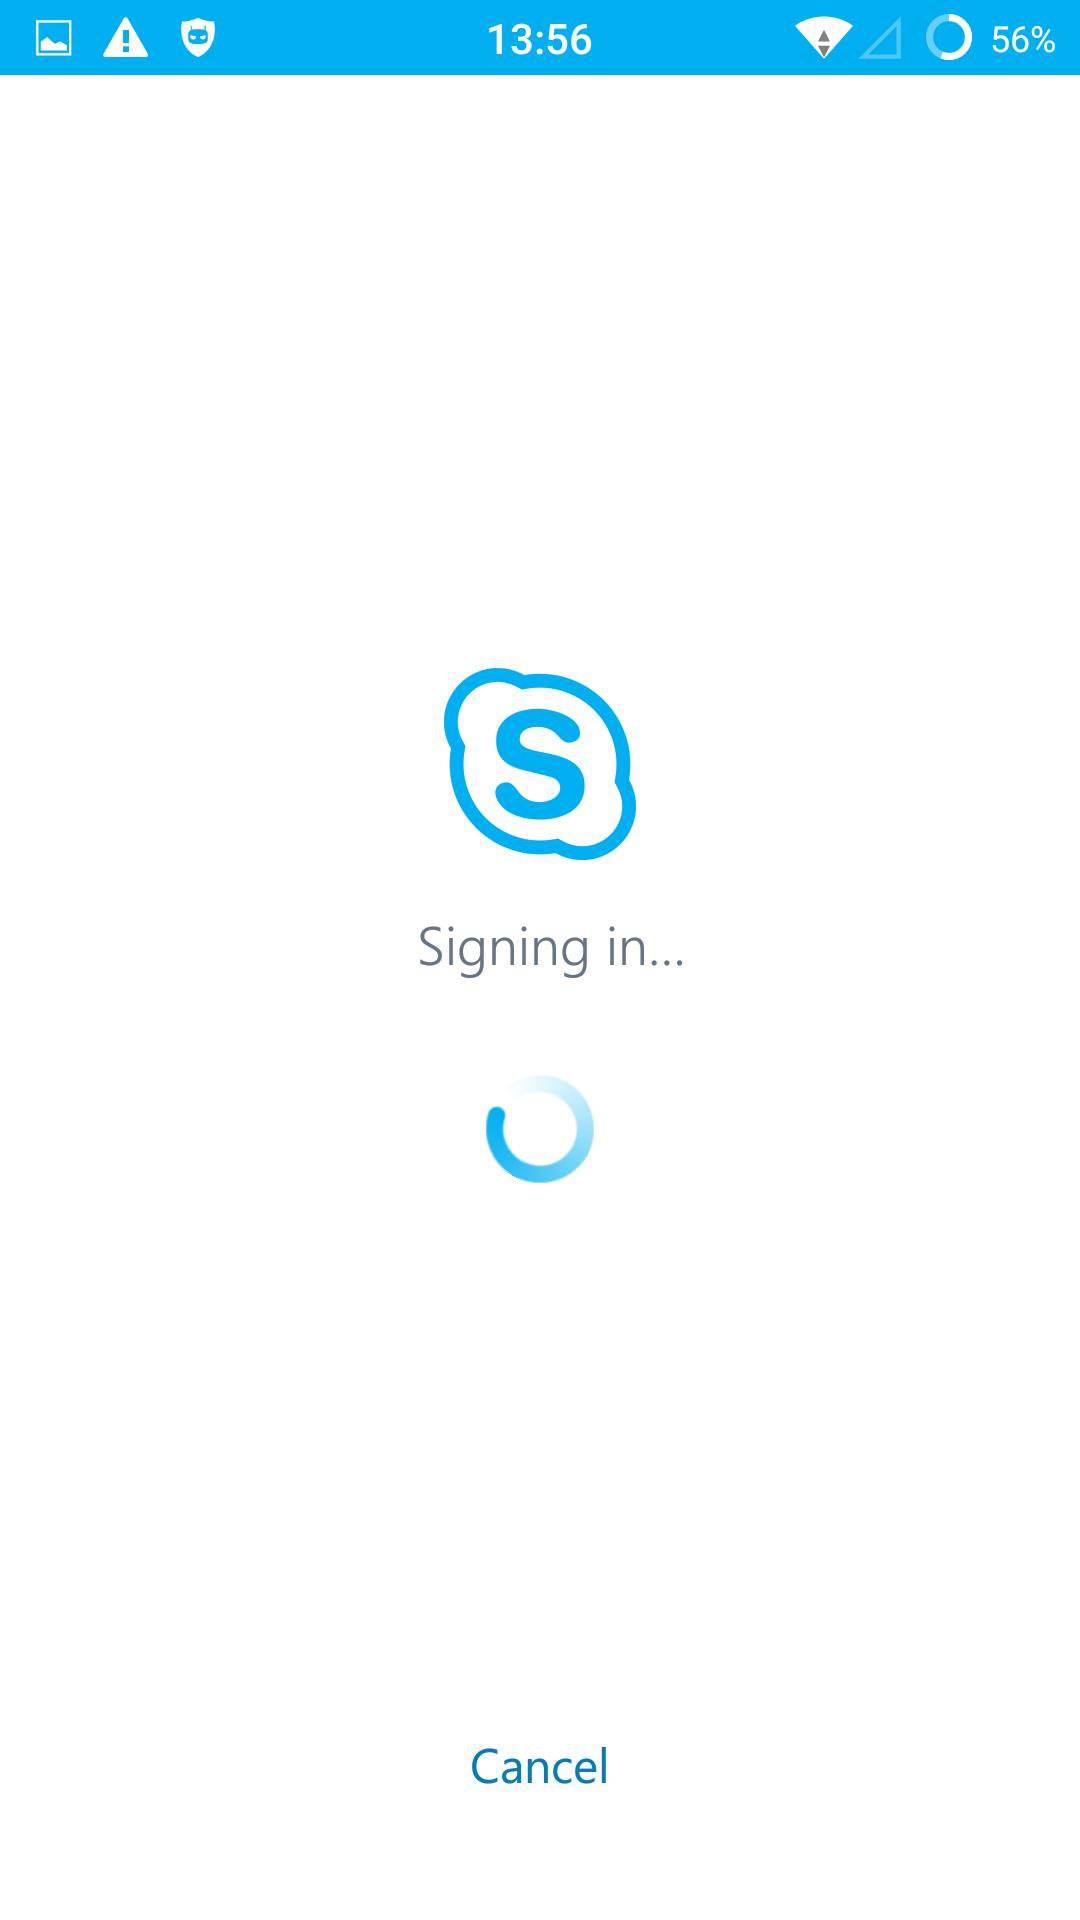 SfB_Signin